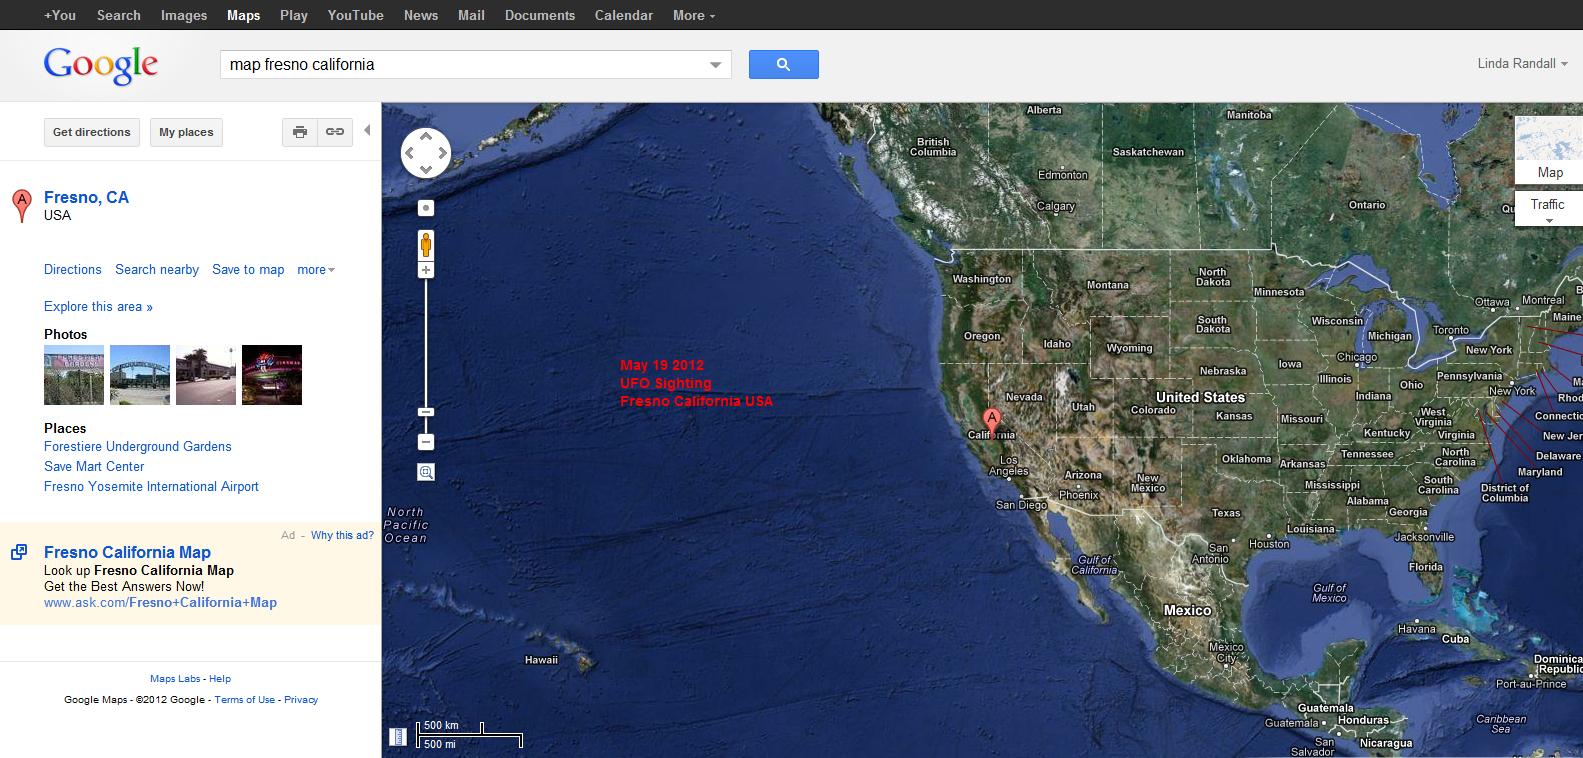 Maps Kalifornien Google Google Maps Ansicht Der Westlichen Küsten - Fresno California Google Maps